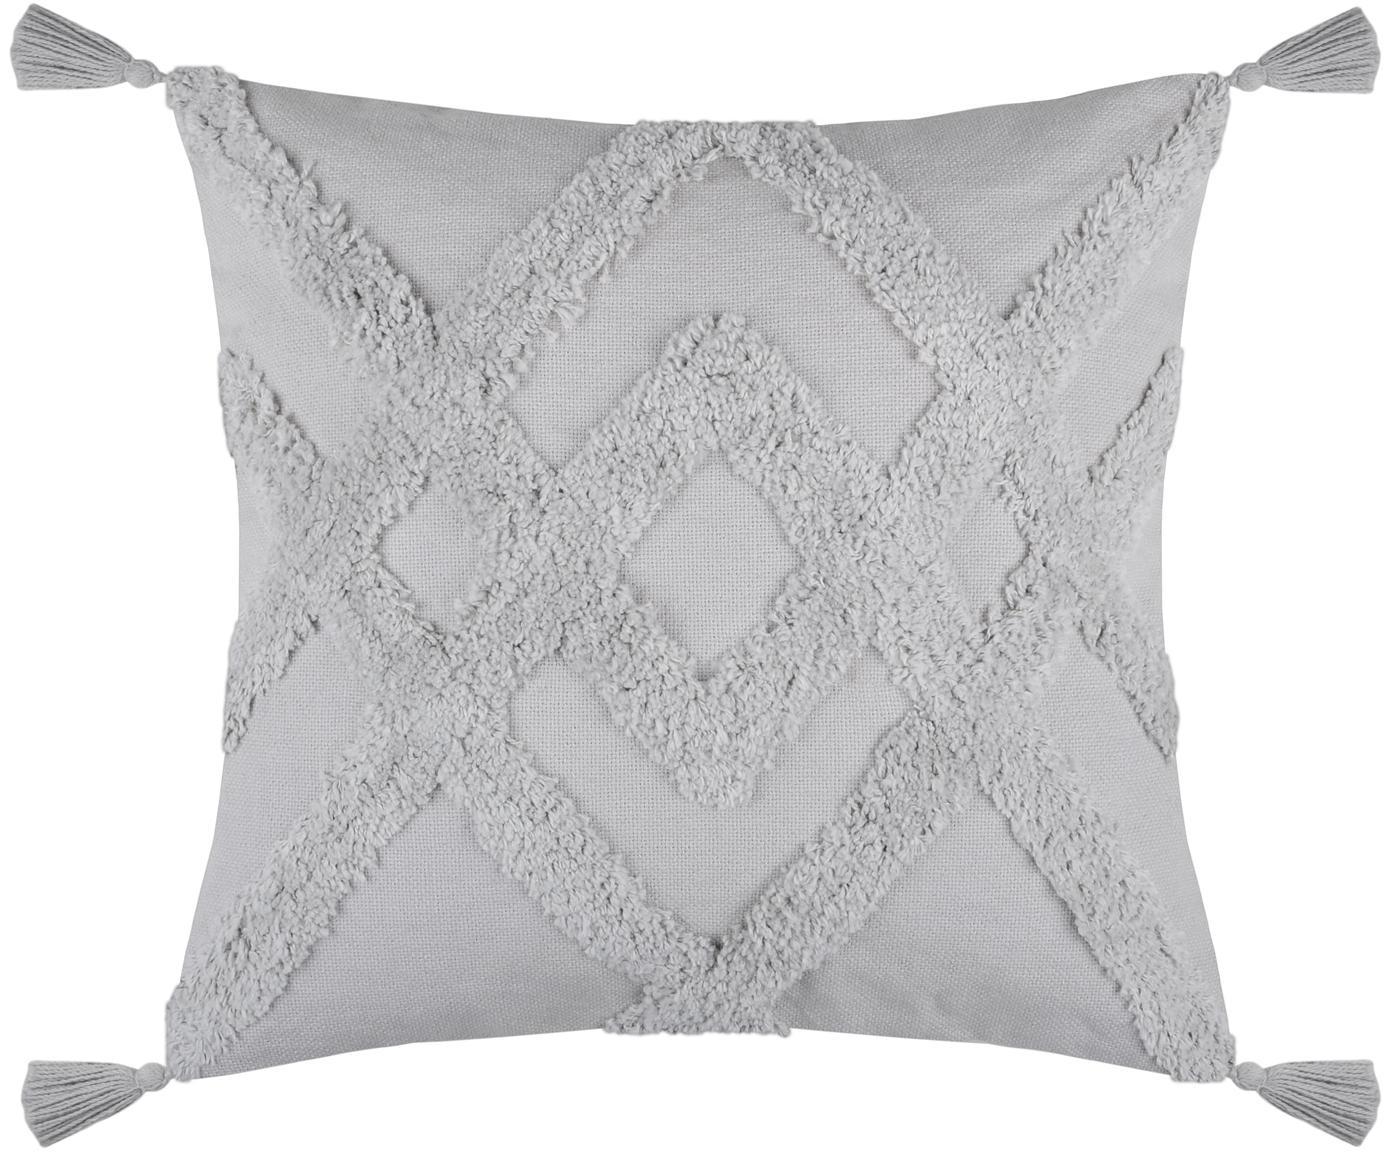 Boho Kissen Tiksi mit getufteten Verzierungen, mit Inlett, Bezug: Baumwolle, Grau, 40 x 40 cm